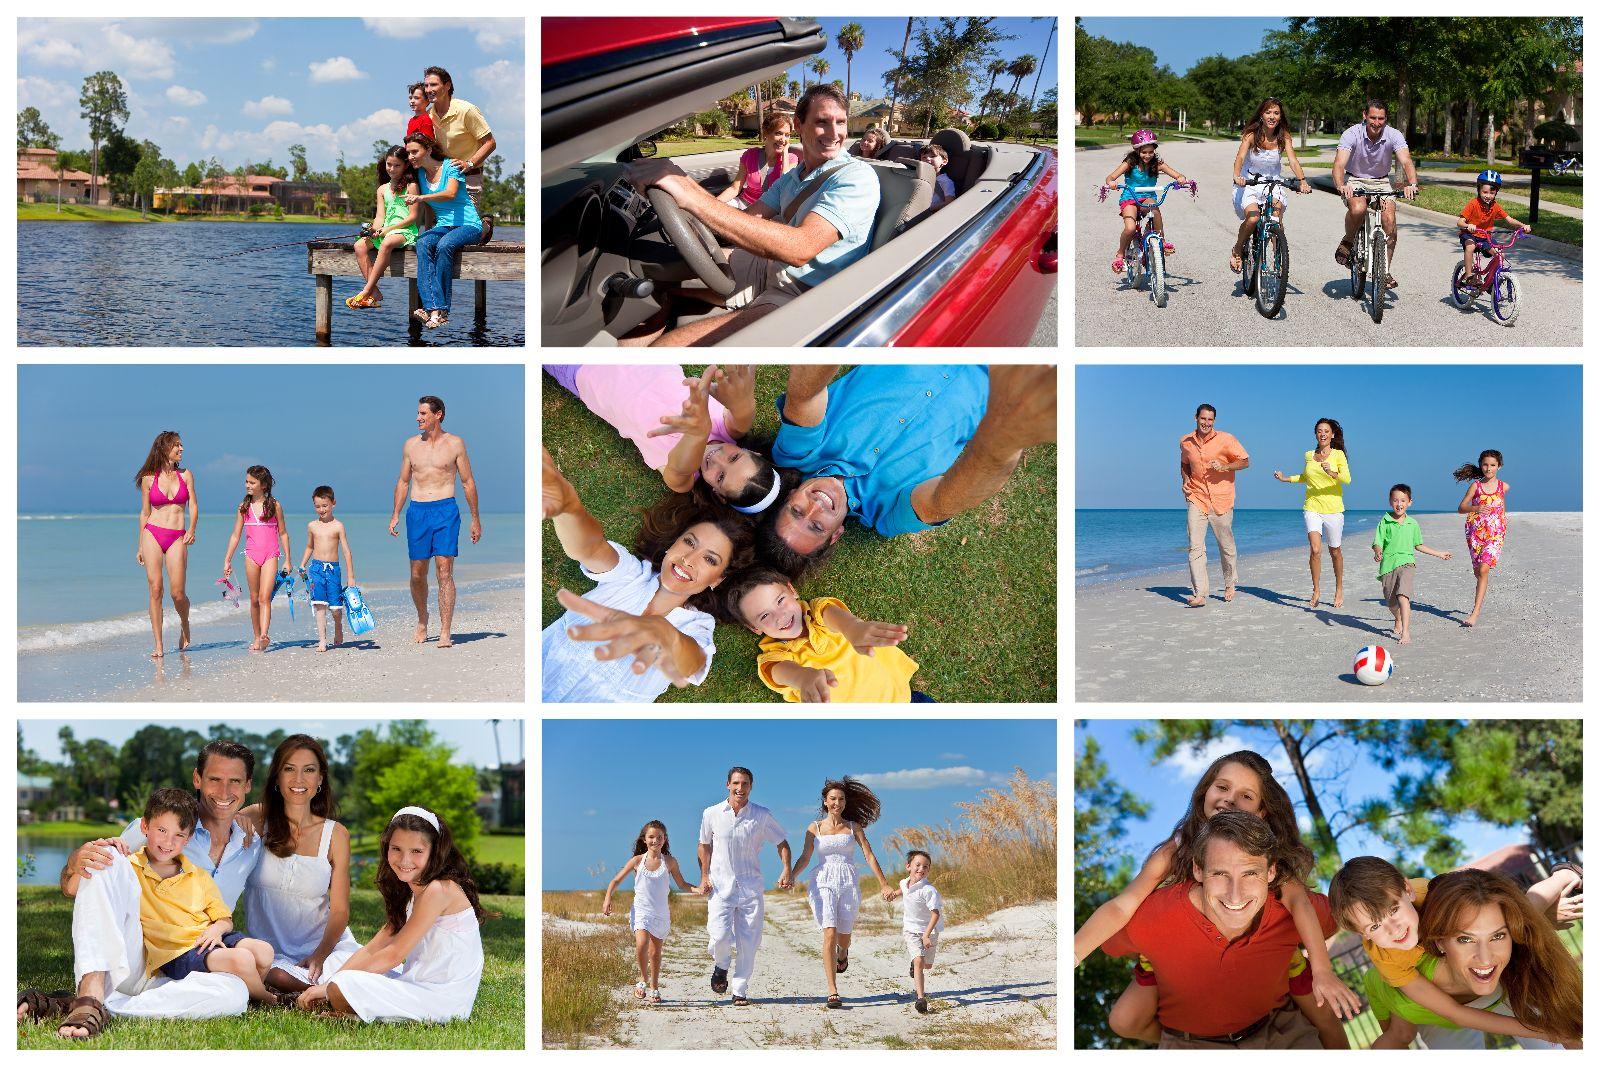 Mosaico de imagenes de familia en vacaciones en actividades como caminata ciclismo y en el coche